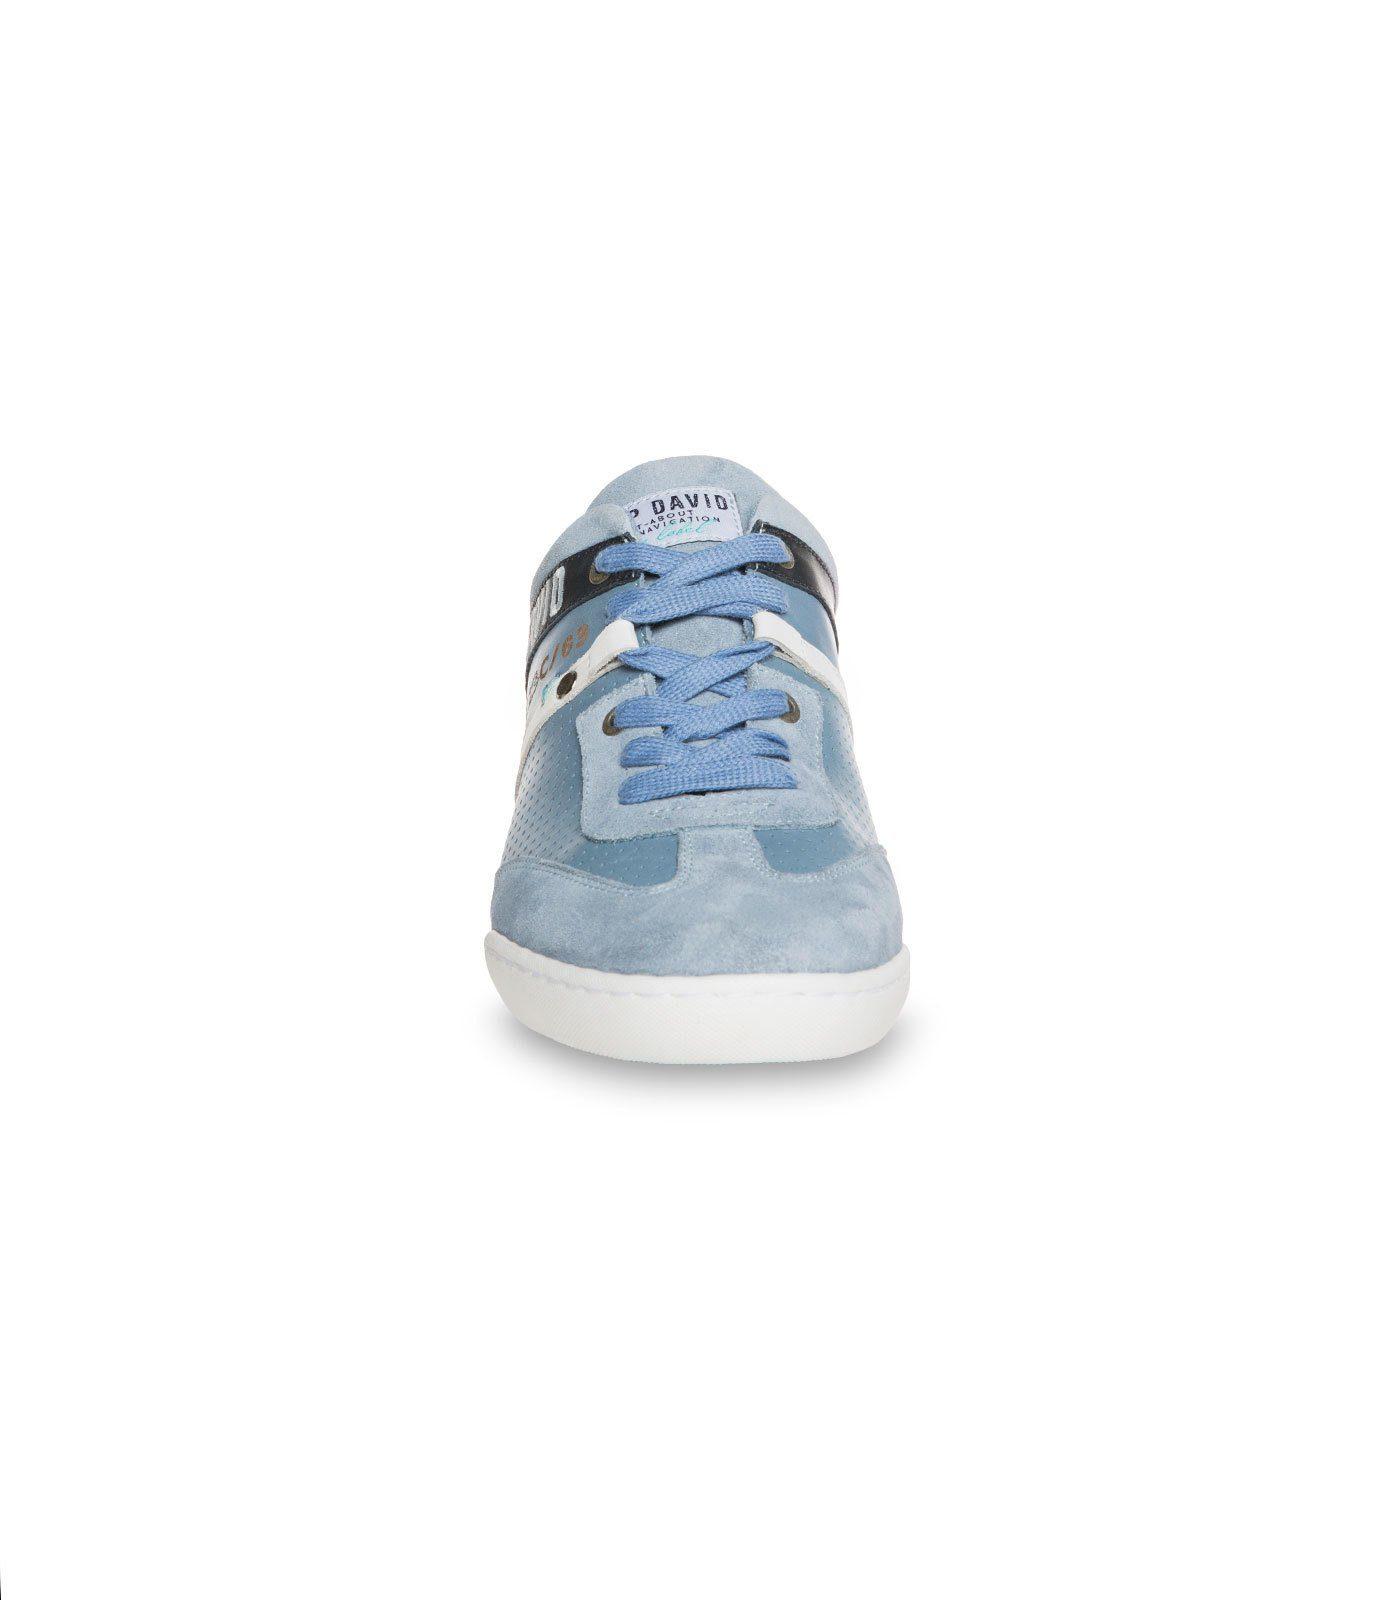 6677475999 Artikel Online Kaufen Sneaker David nr Camp Mit Navy Artwork Yw8fnTqBB